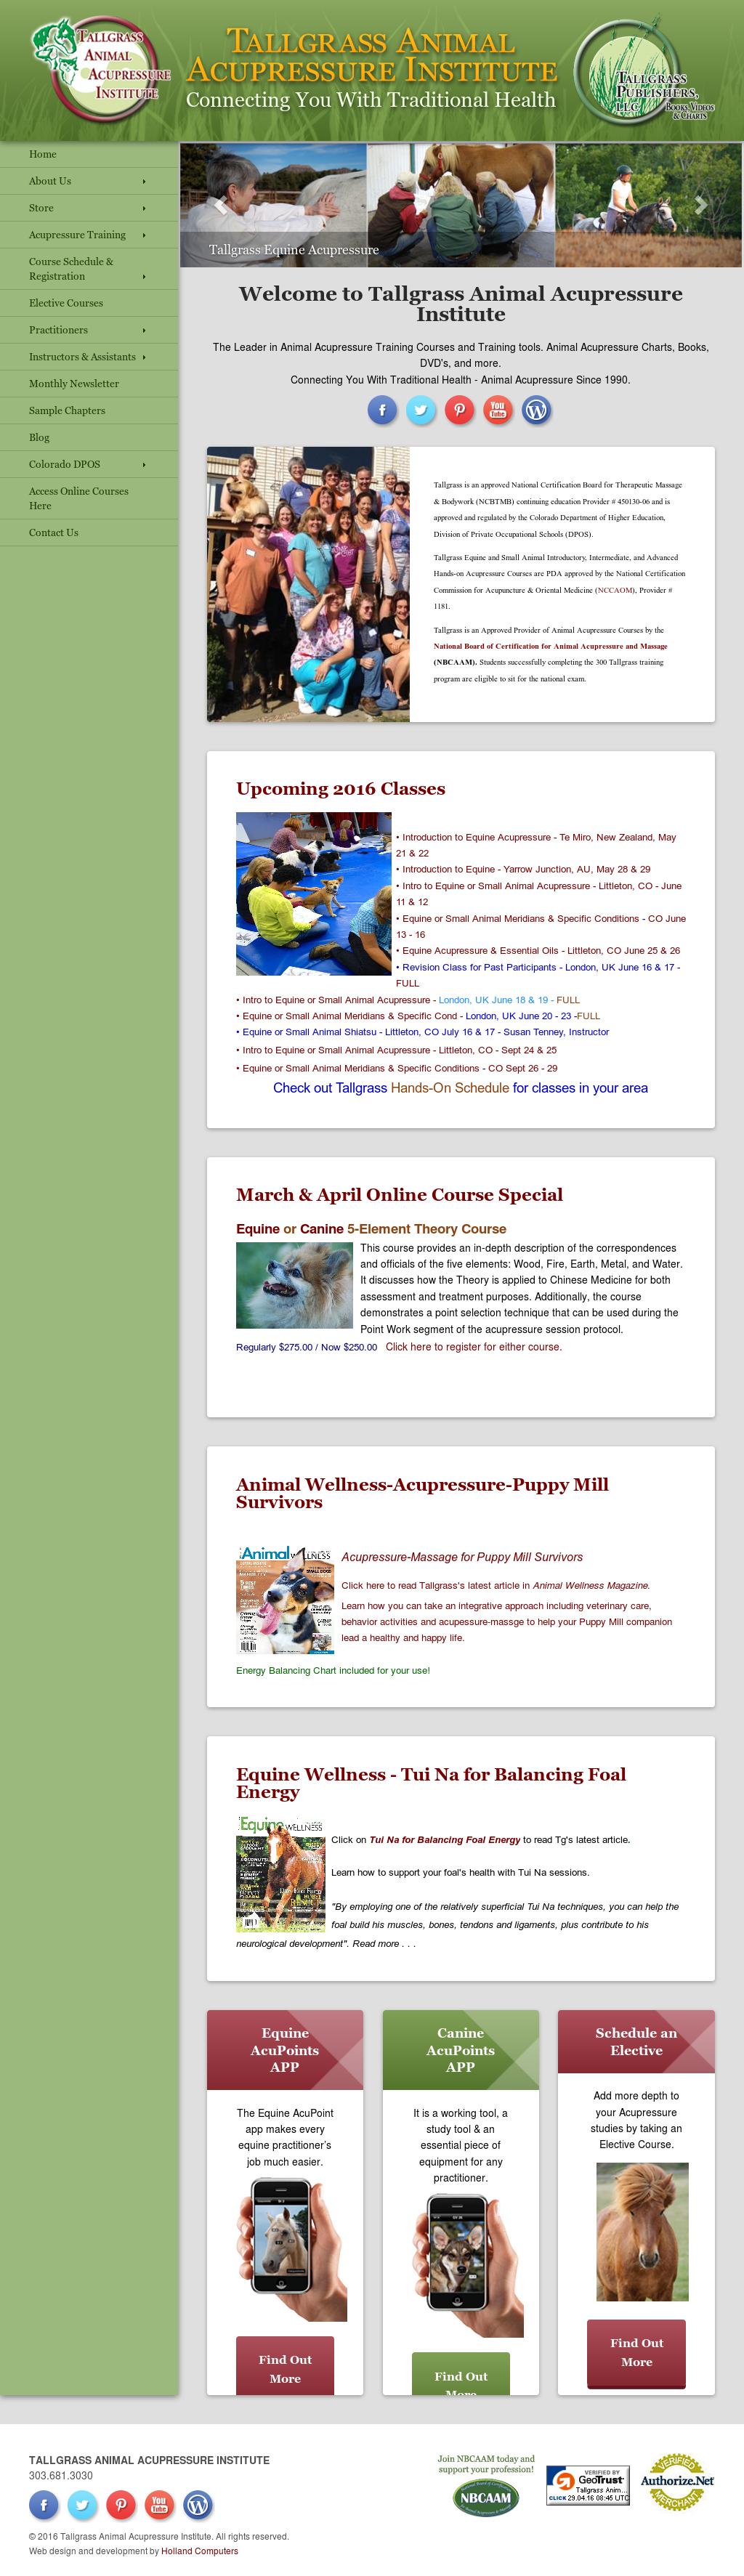 Tallgrass Animal Acupressure Institute Competitors, Revenue